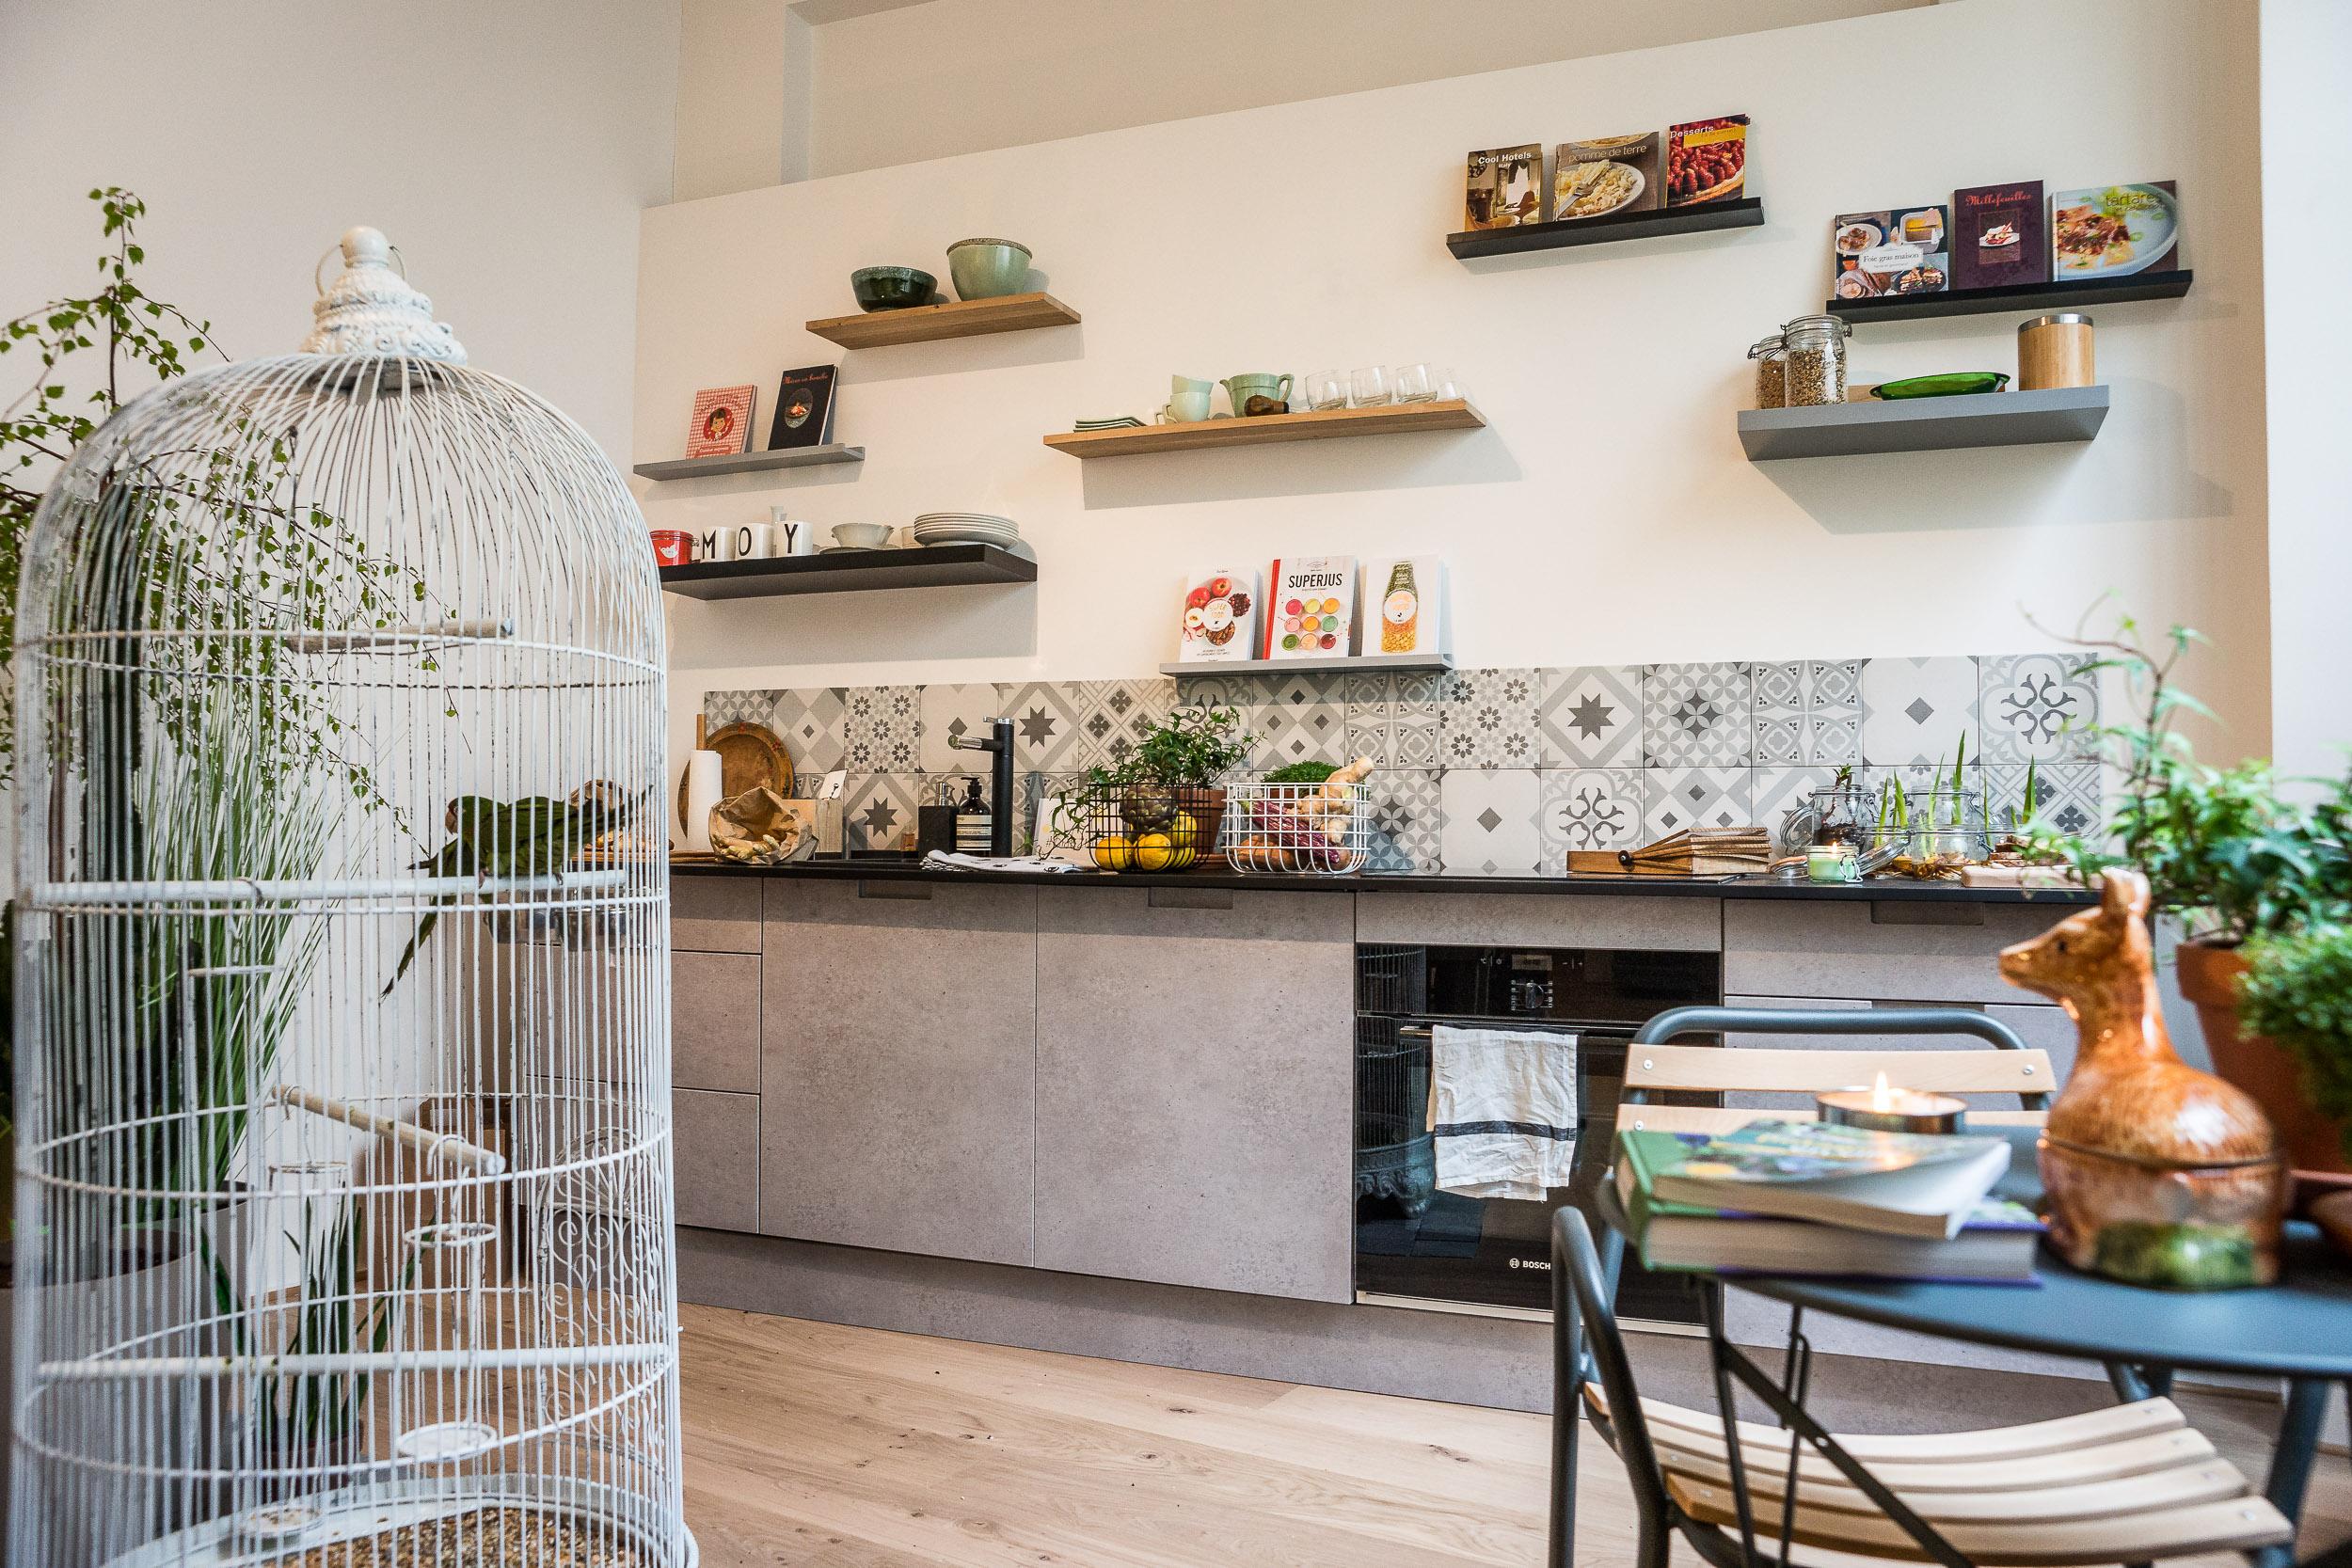 Leroy merlin imagine l 39 appartement des for Logiciel cuisine leroy merlin